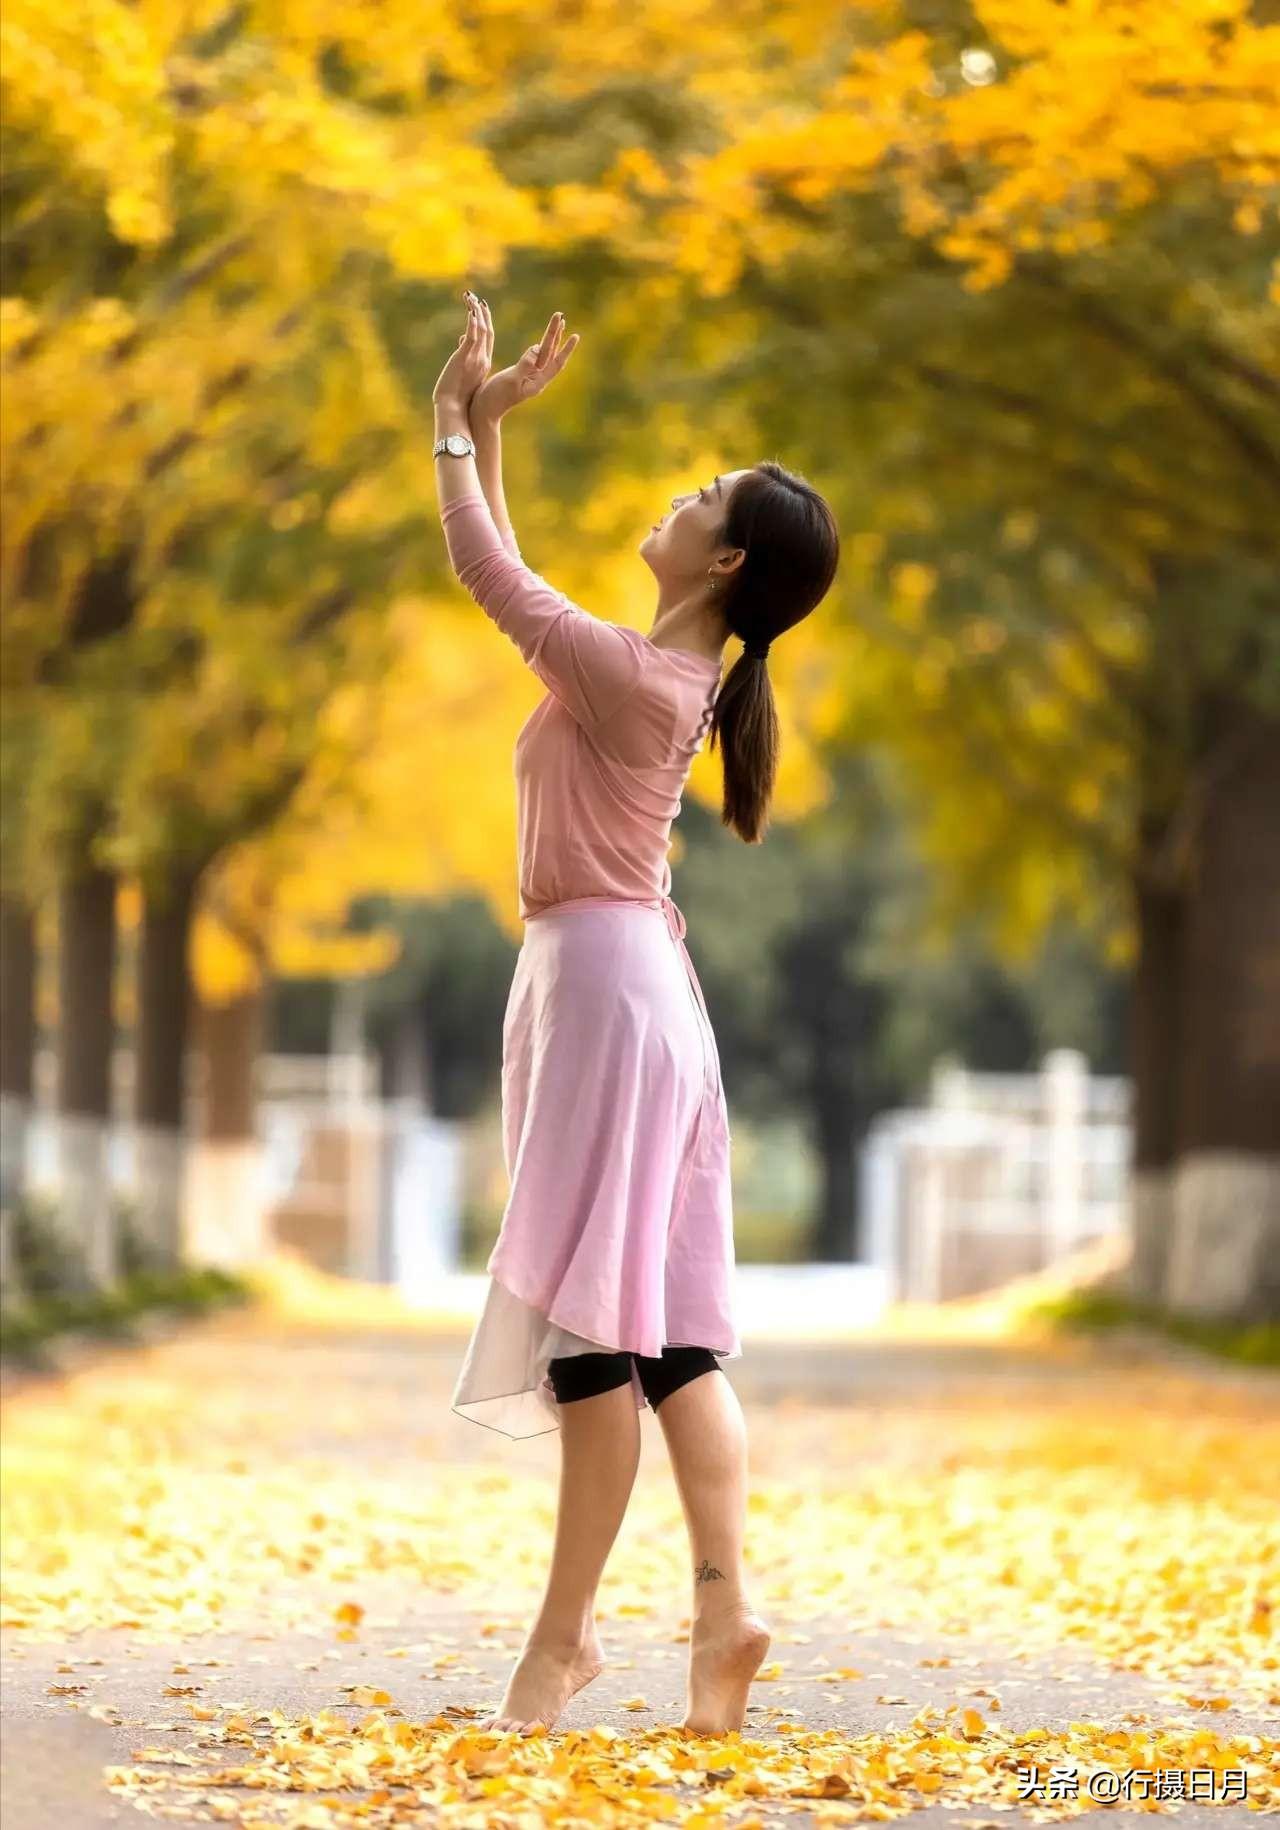 做一个云端女子,尽管清凉高傲,却也温婉简单